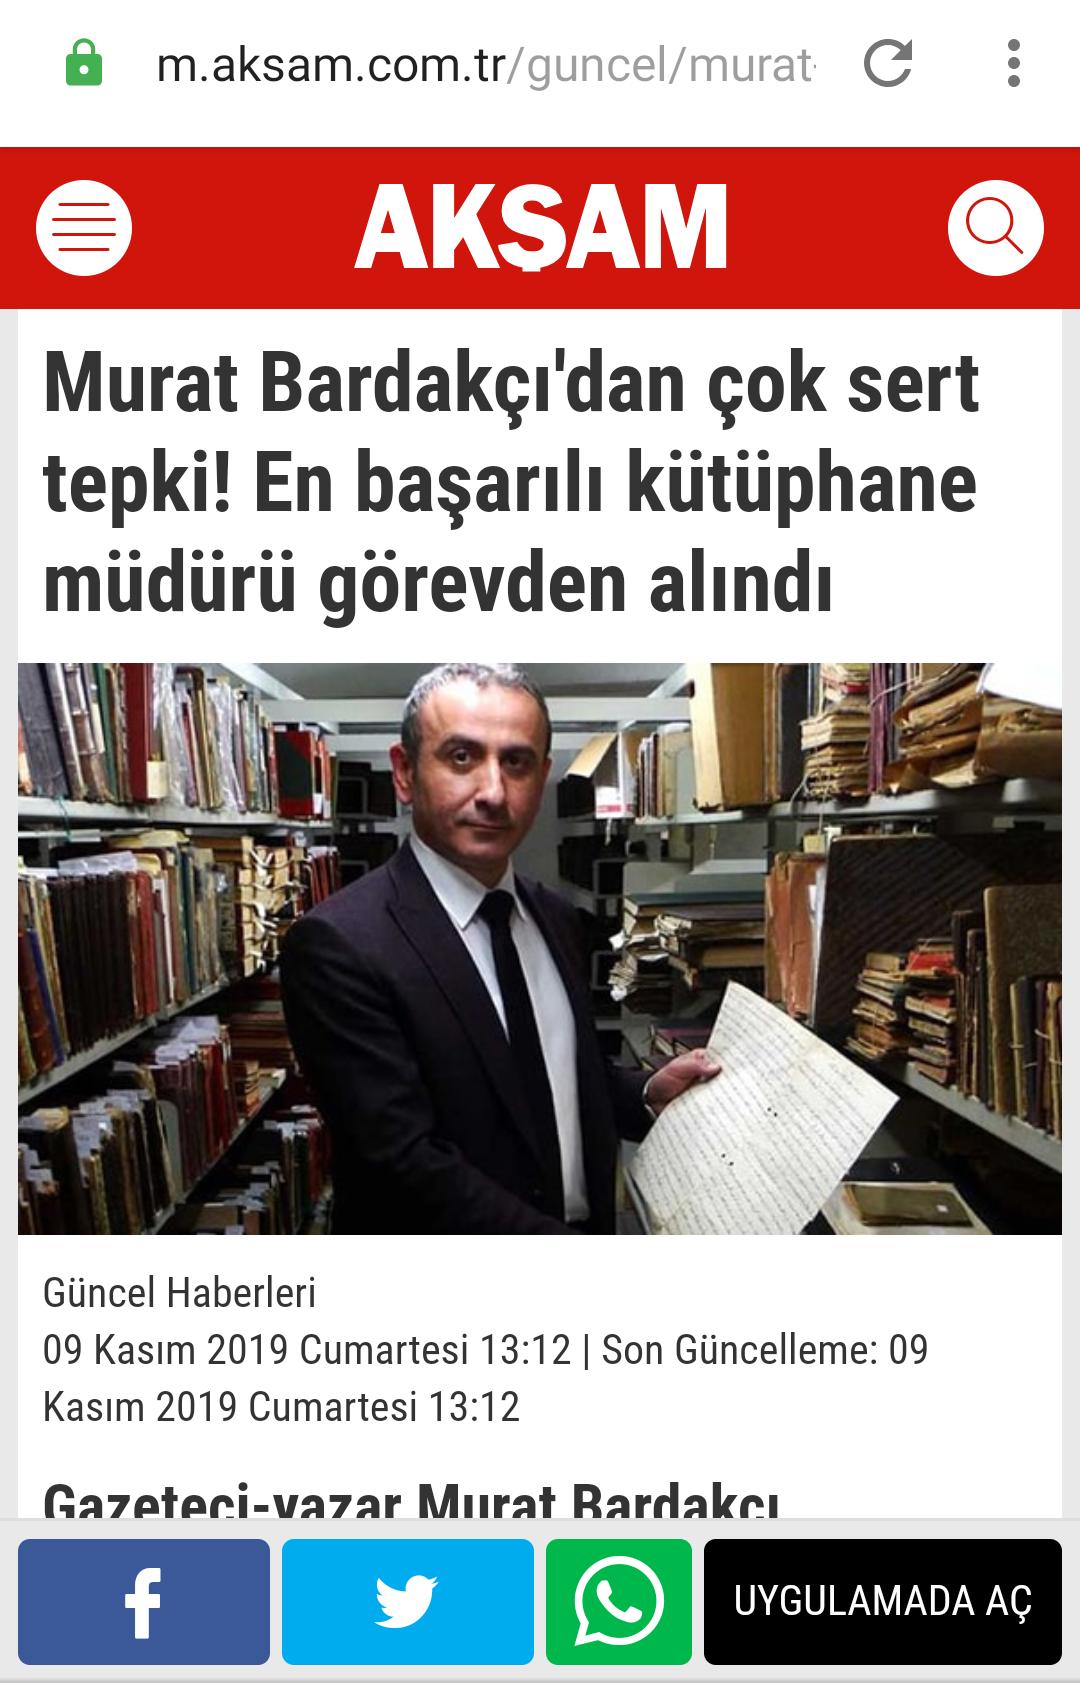 imamoğlu nun kütüphane müdürünü görevden alması